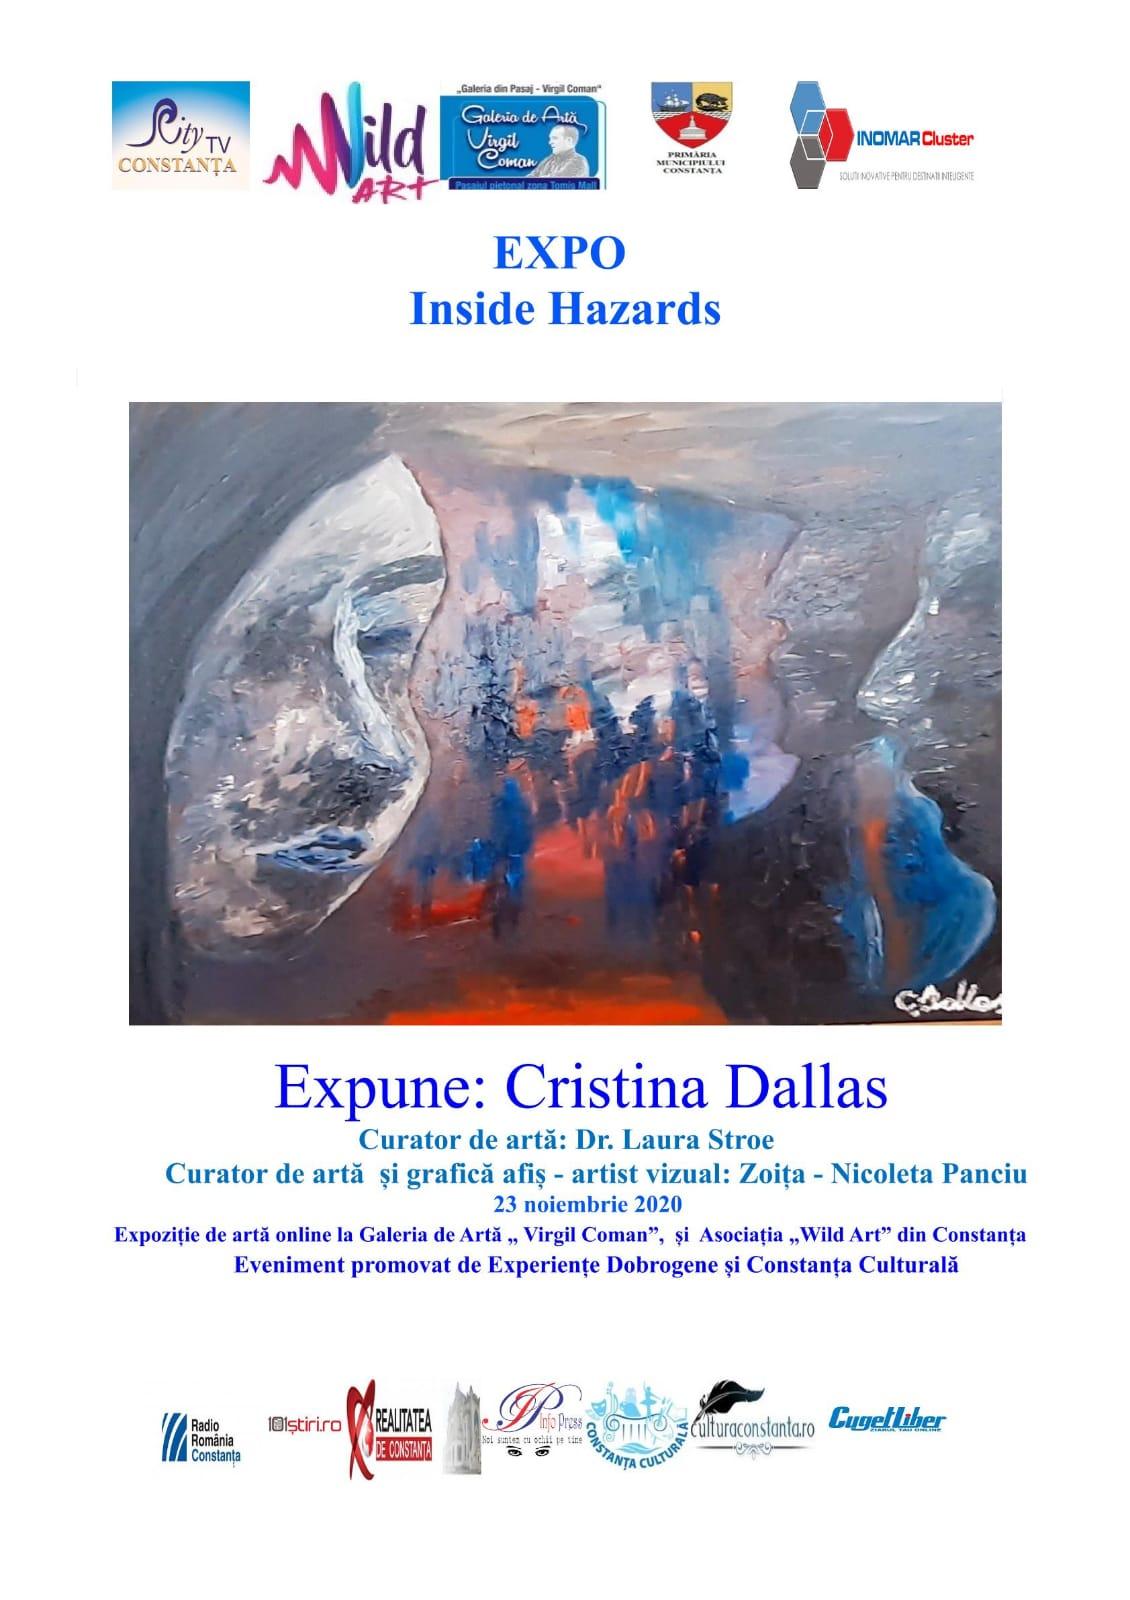 Inside Hazards. Expoziție de artă vizuală